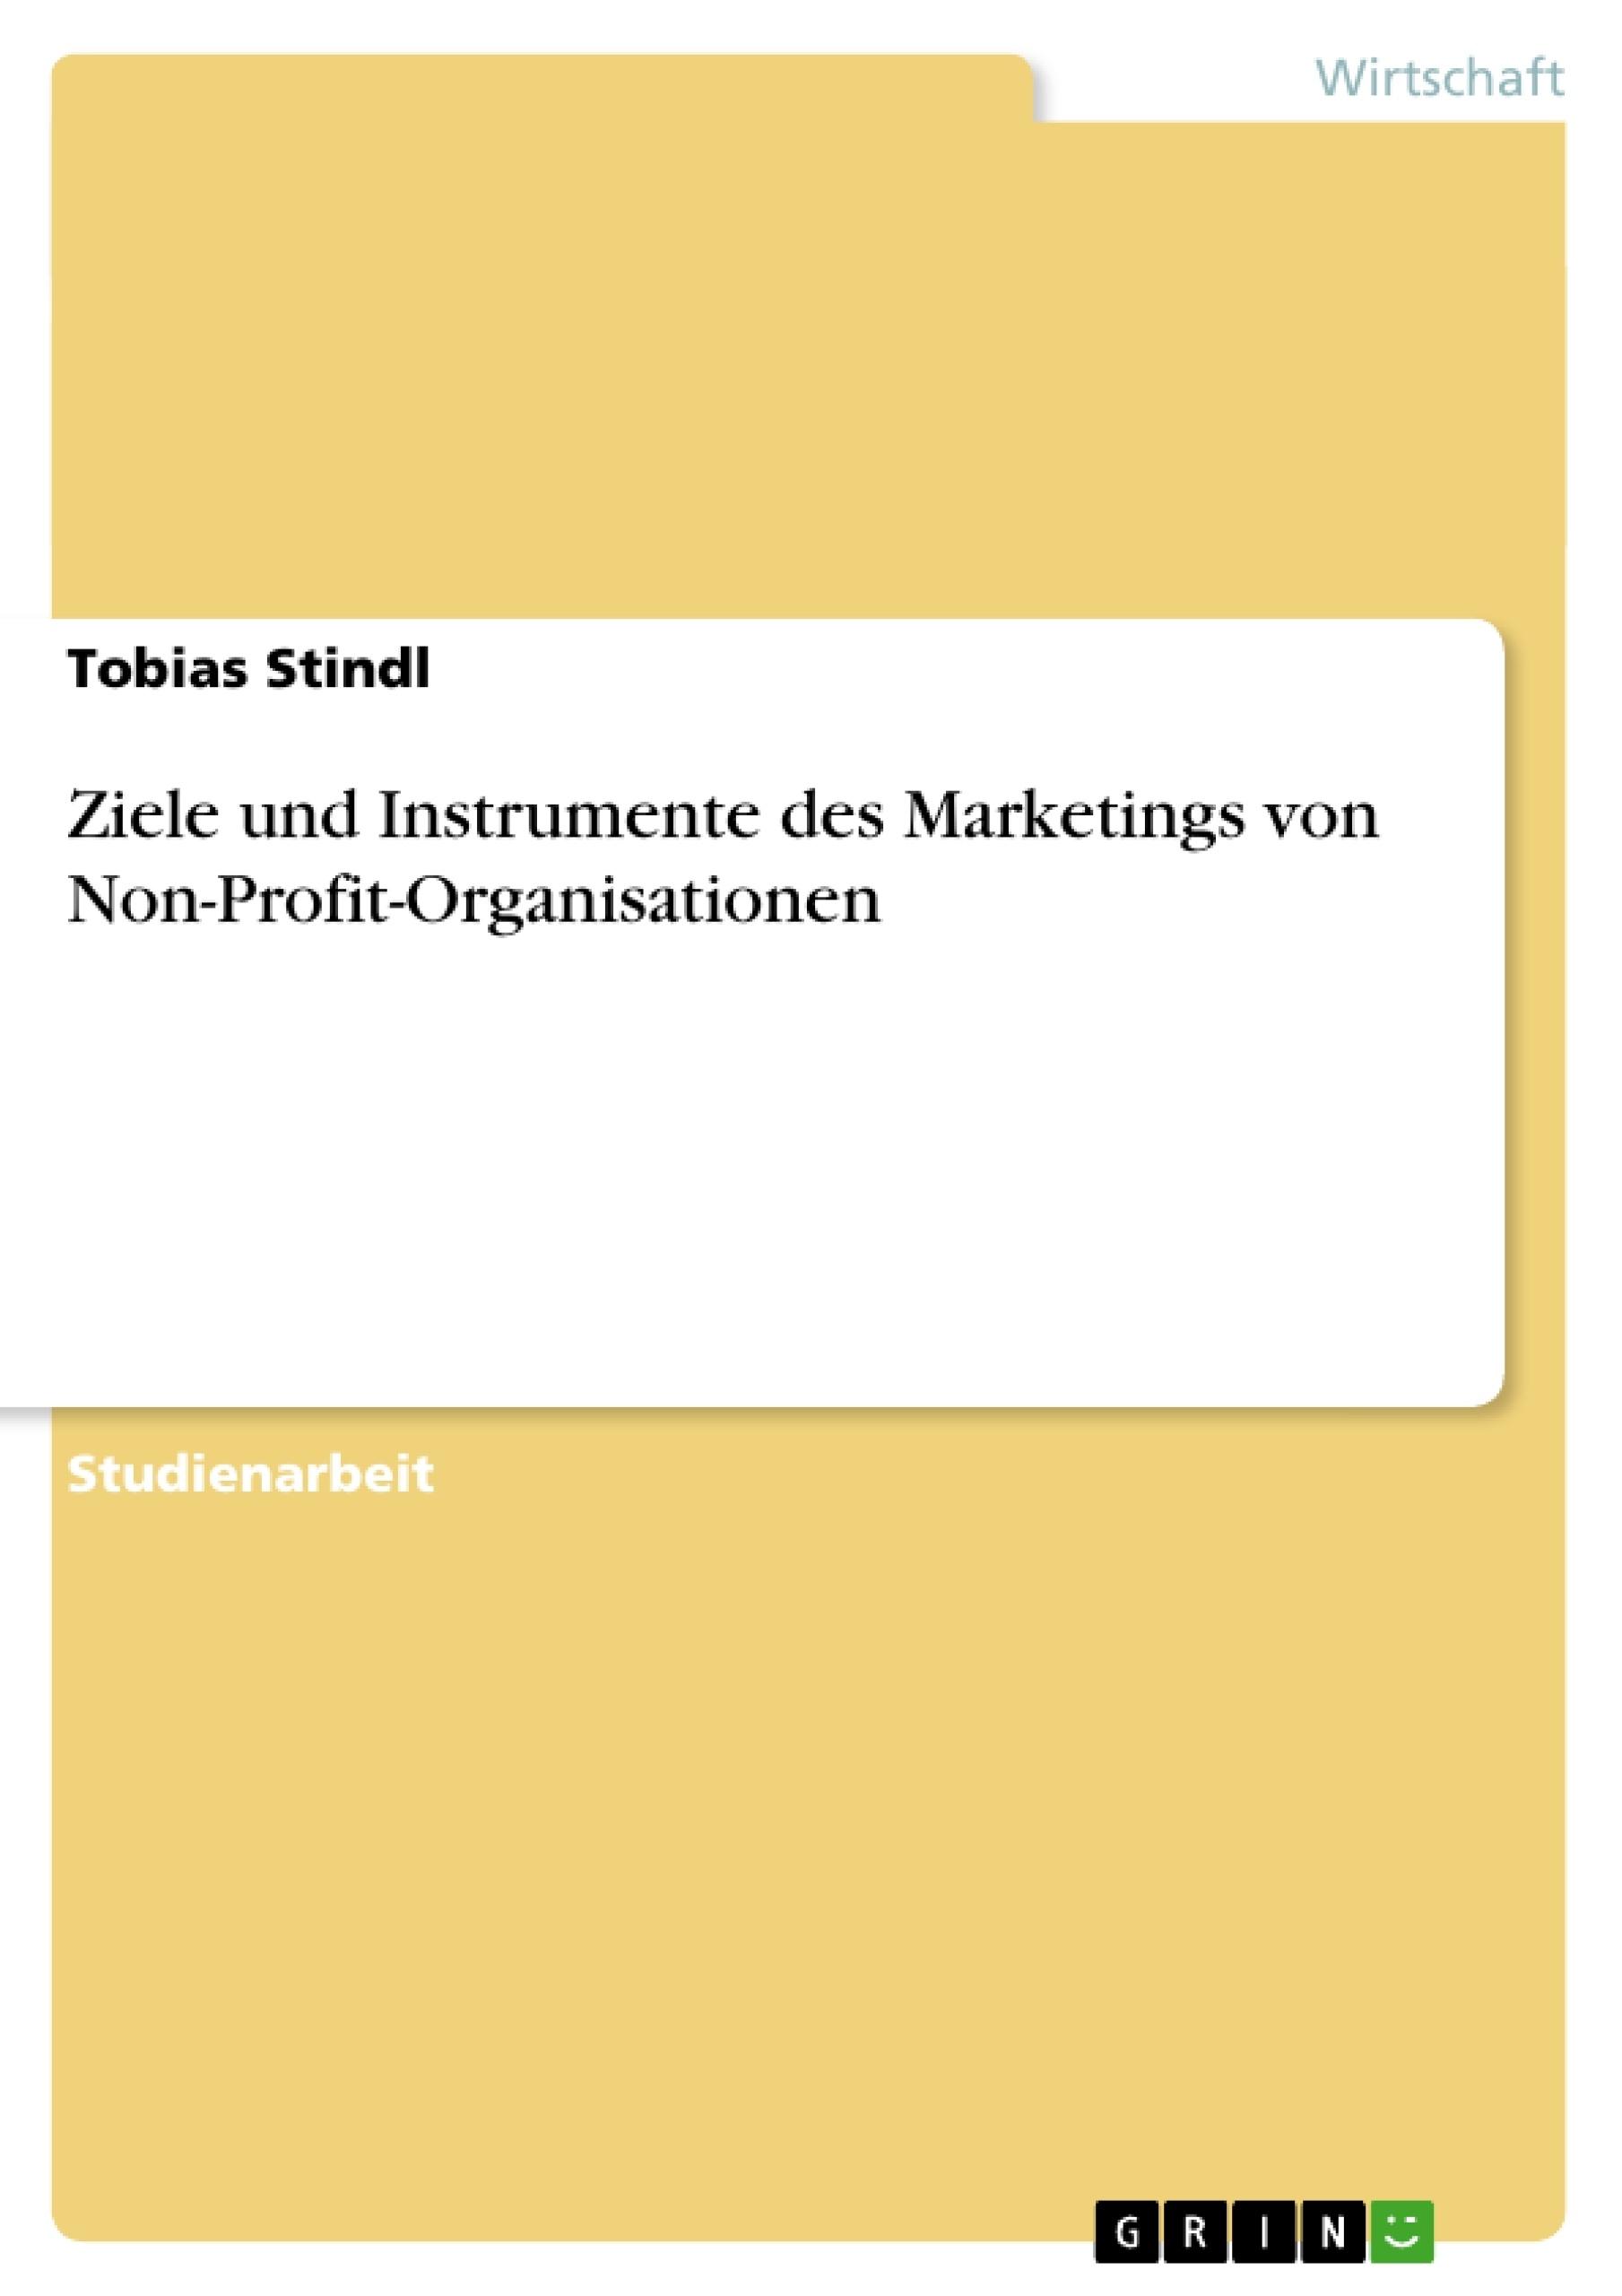 Titel: Ziele und Instrumente des Marketings von Non-Profit-Organisationen